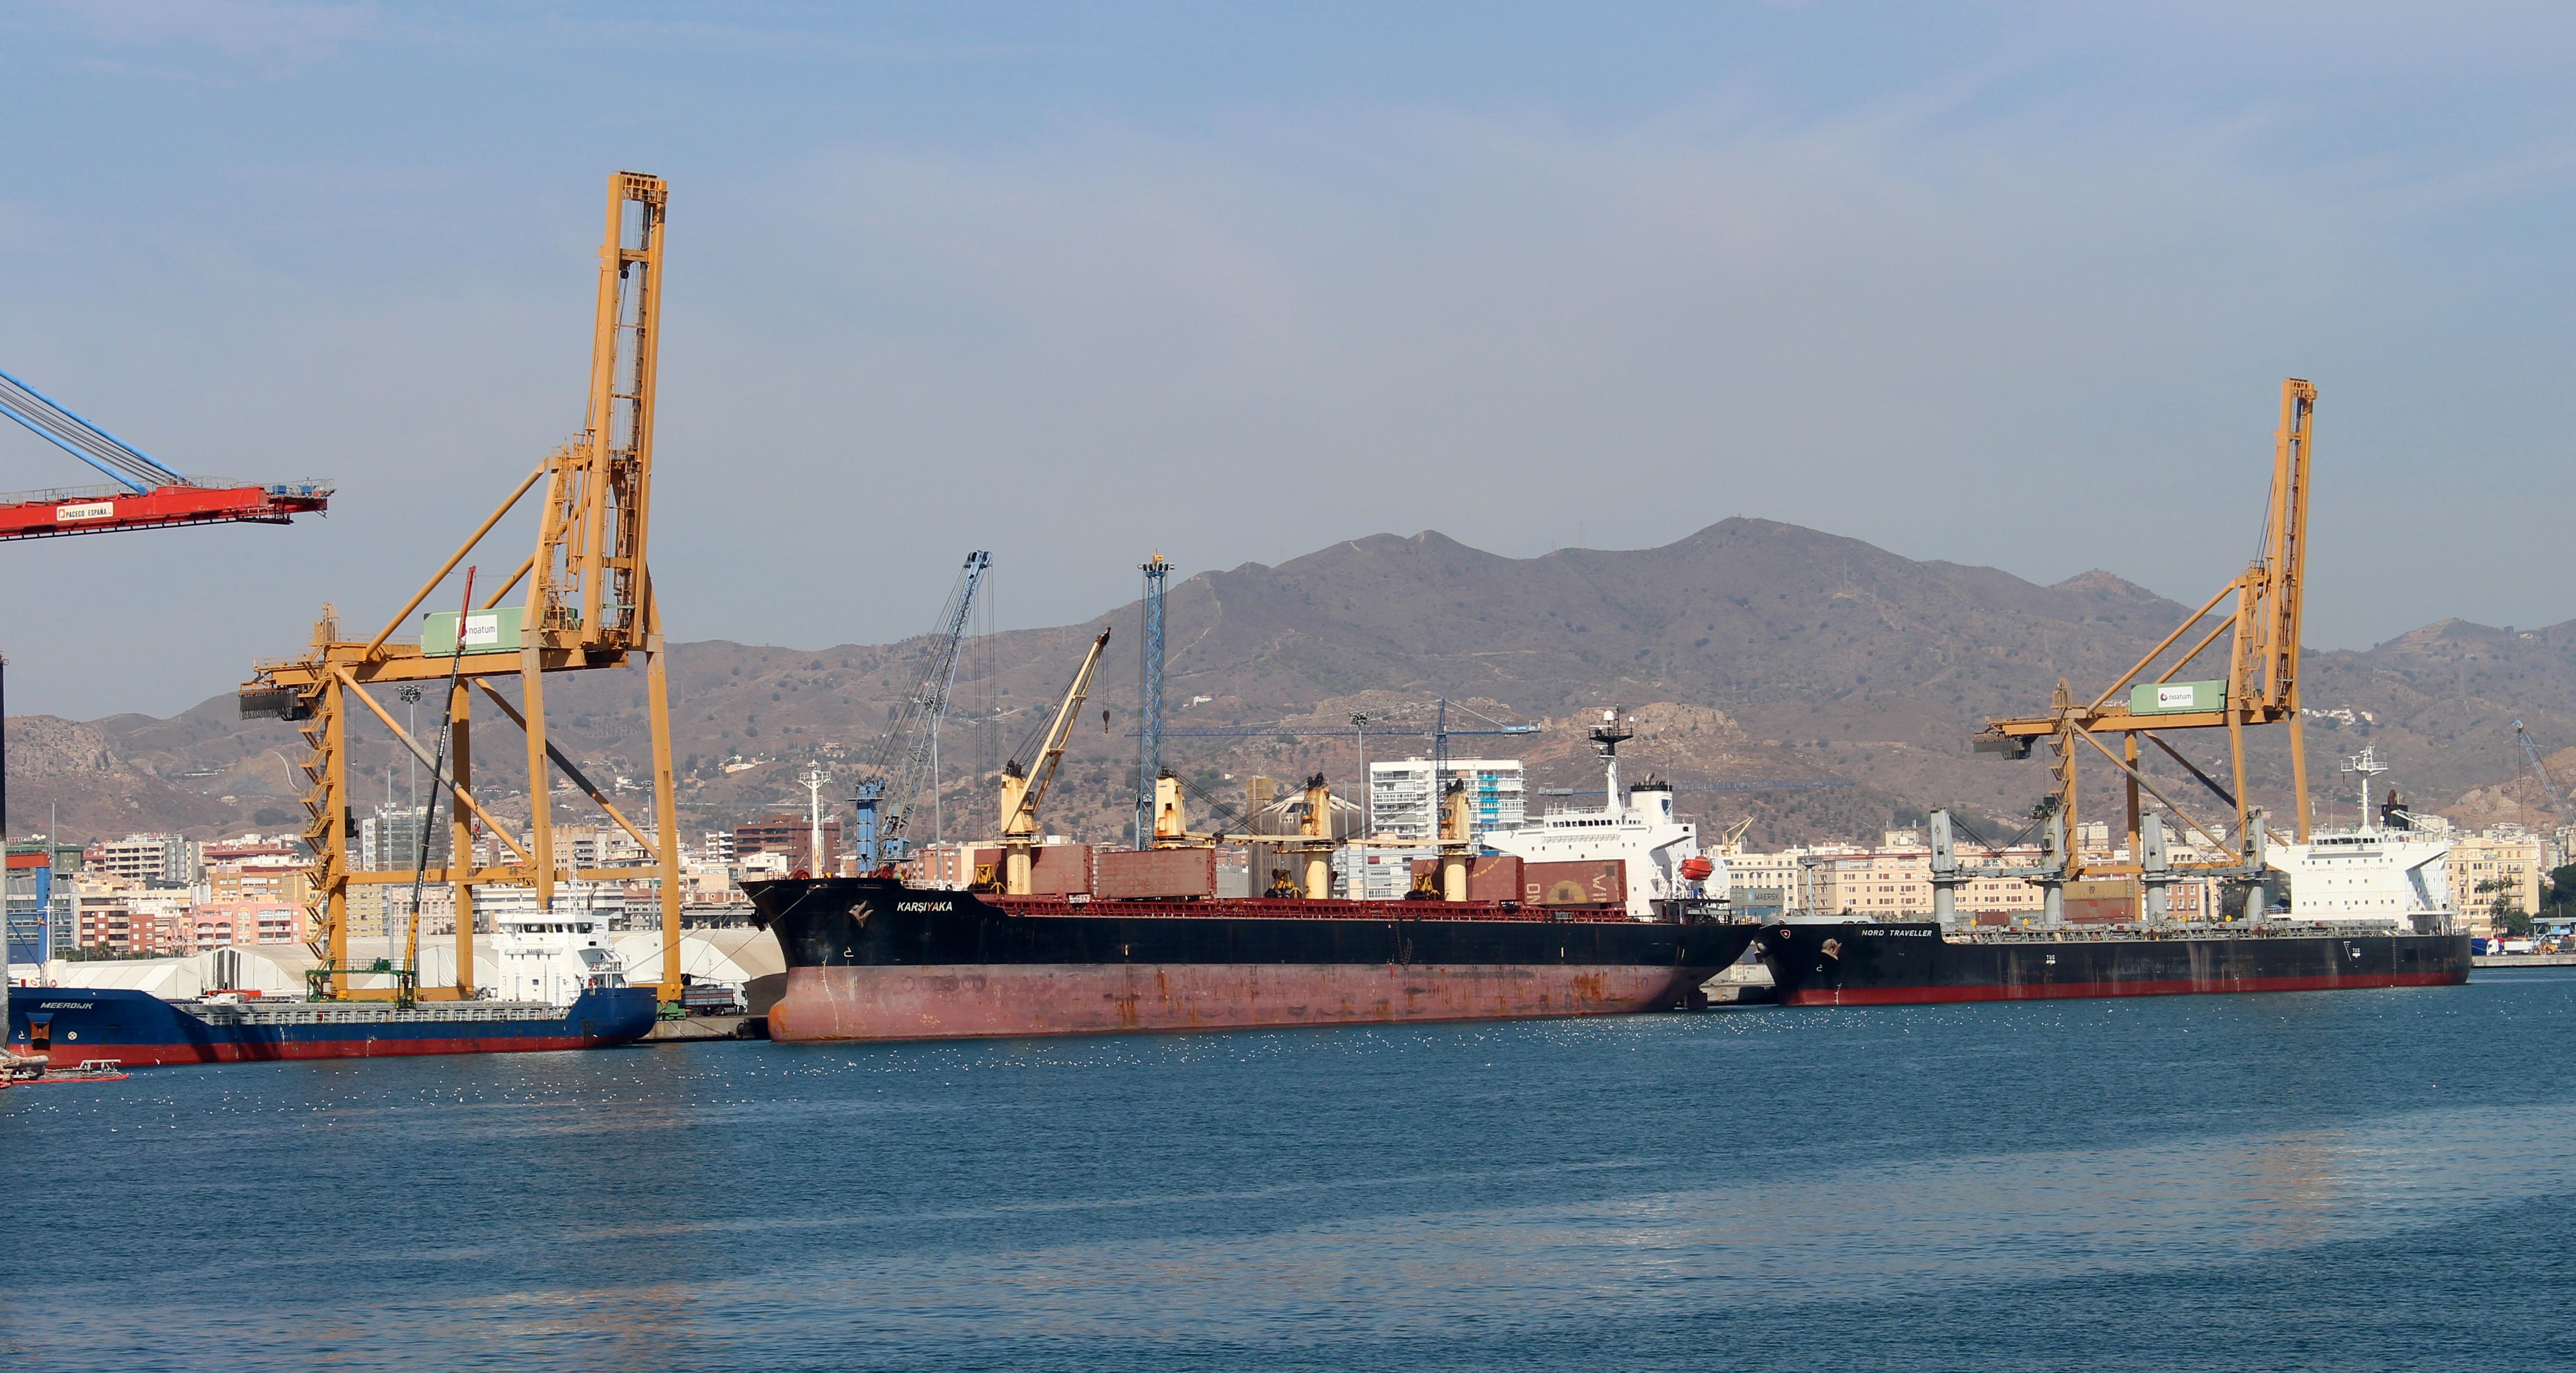 El Gobierno autoriza la contratación de dos trabajadores en el Puerto de Málaga para permitir el tráfico de mercancías durante los fines de semana